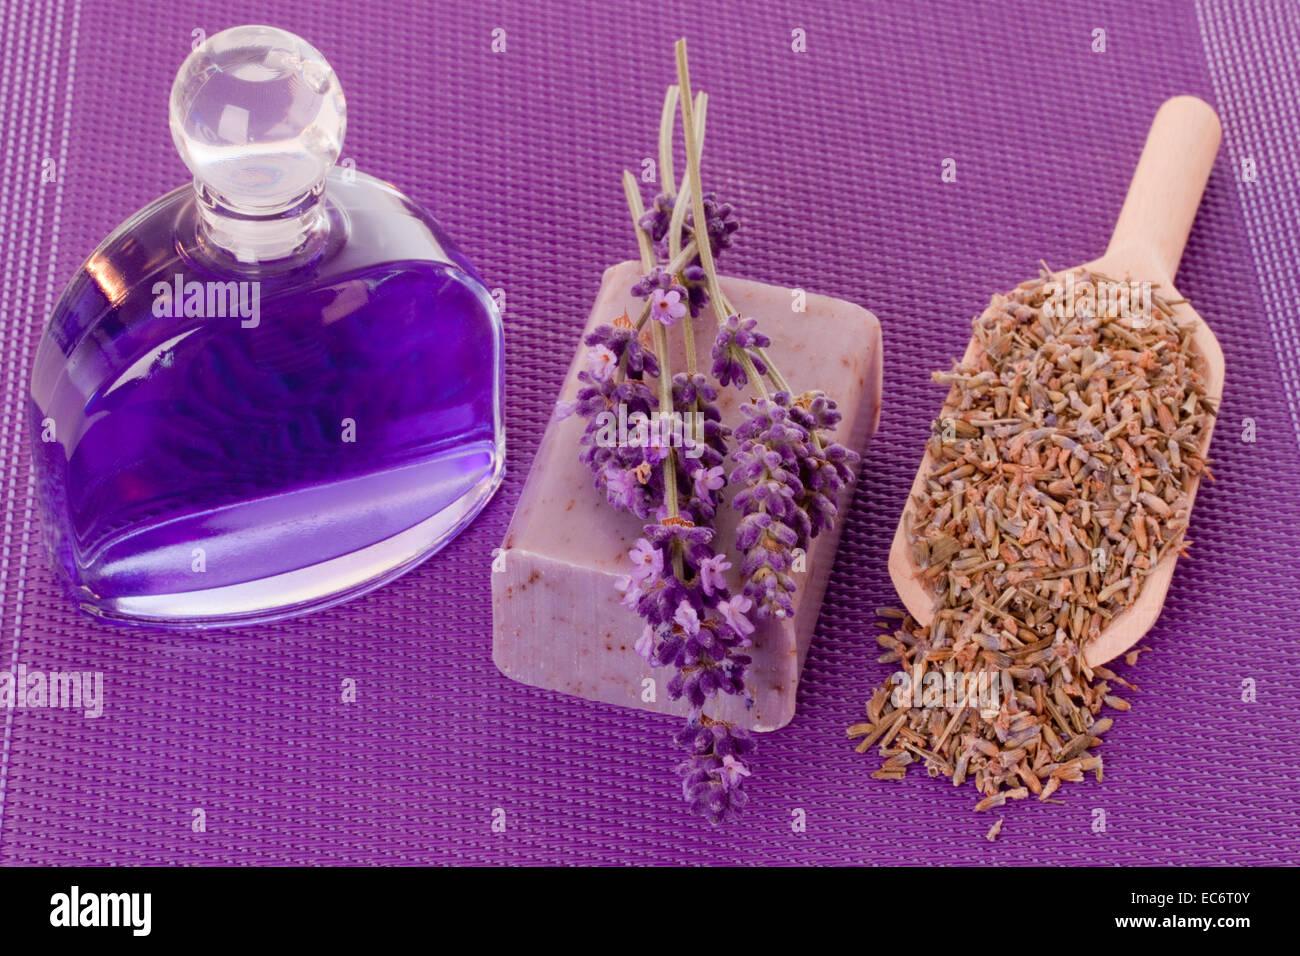 Essenze da bagno e sapone con lavanda su sfondo viola Immagini Stock